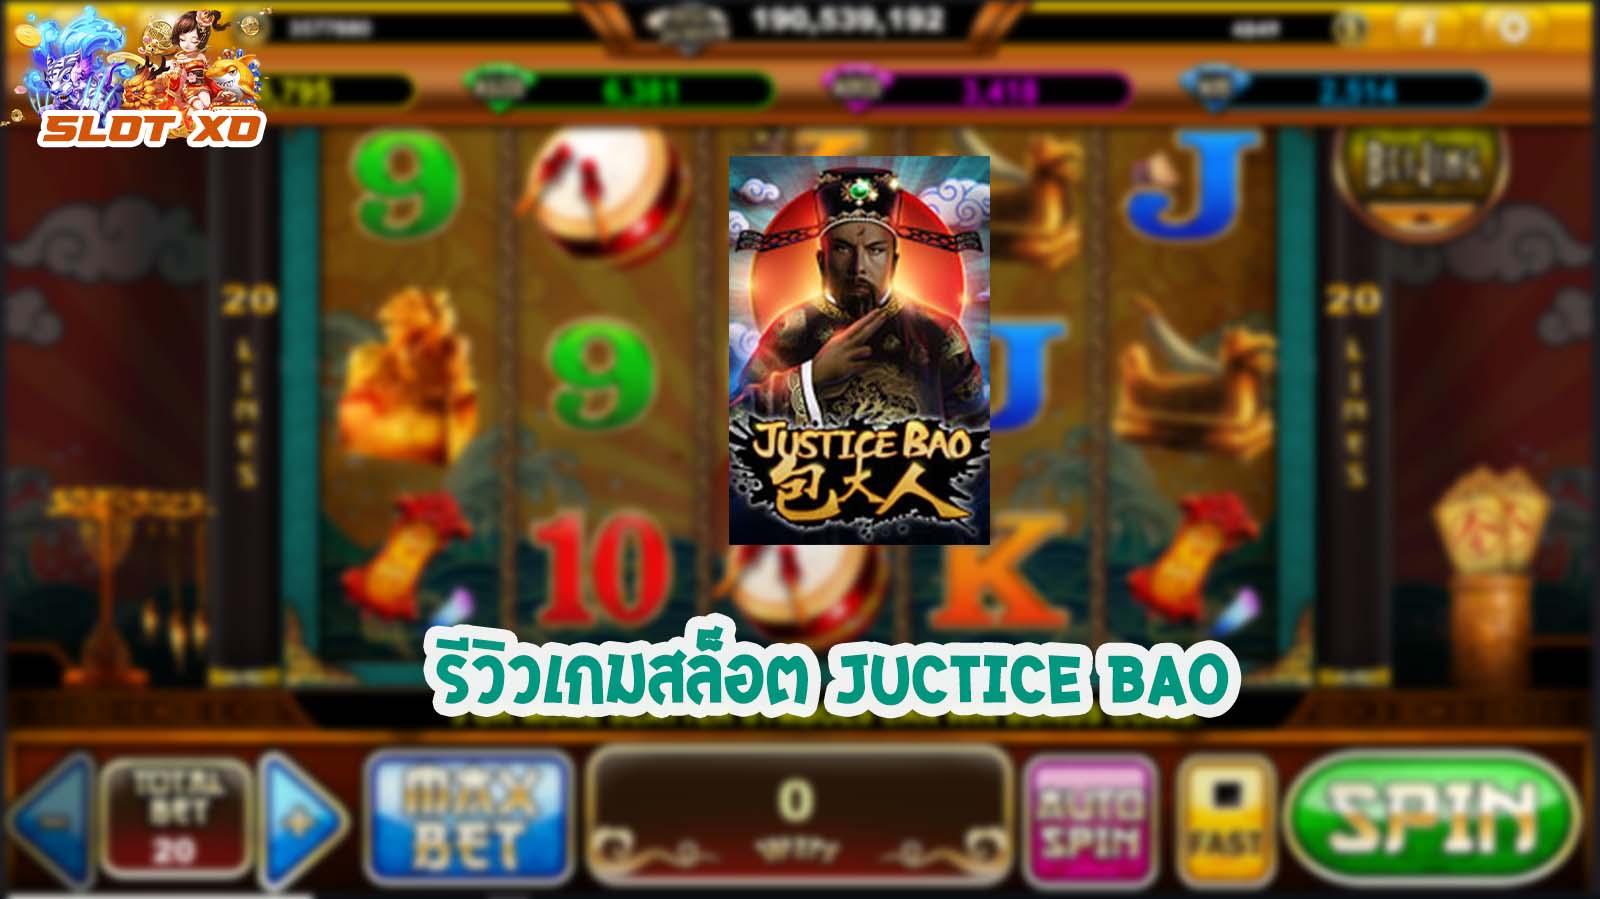 รีวิวเกมสล็อต Juctice Bao 2021